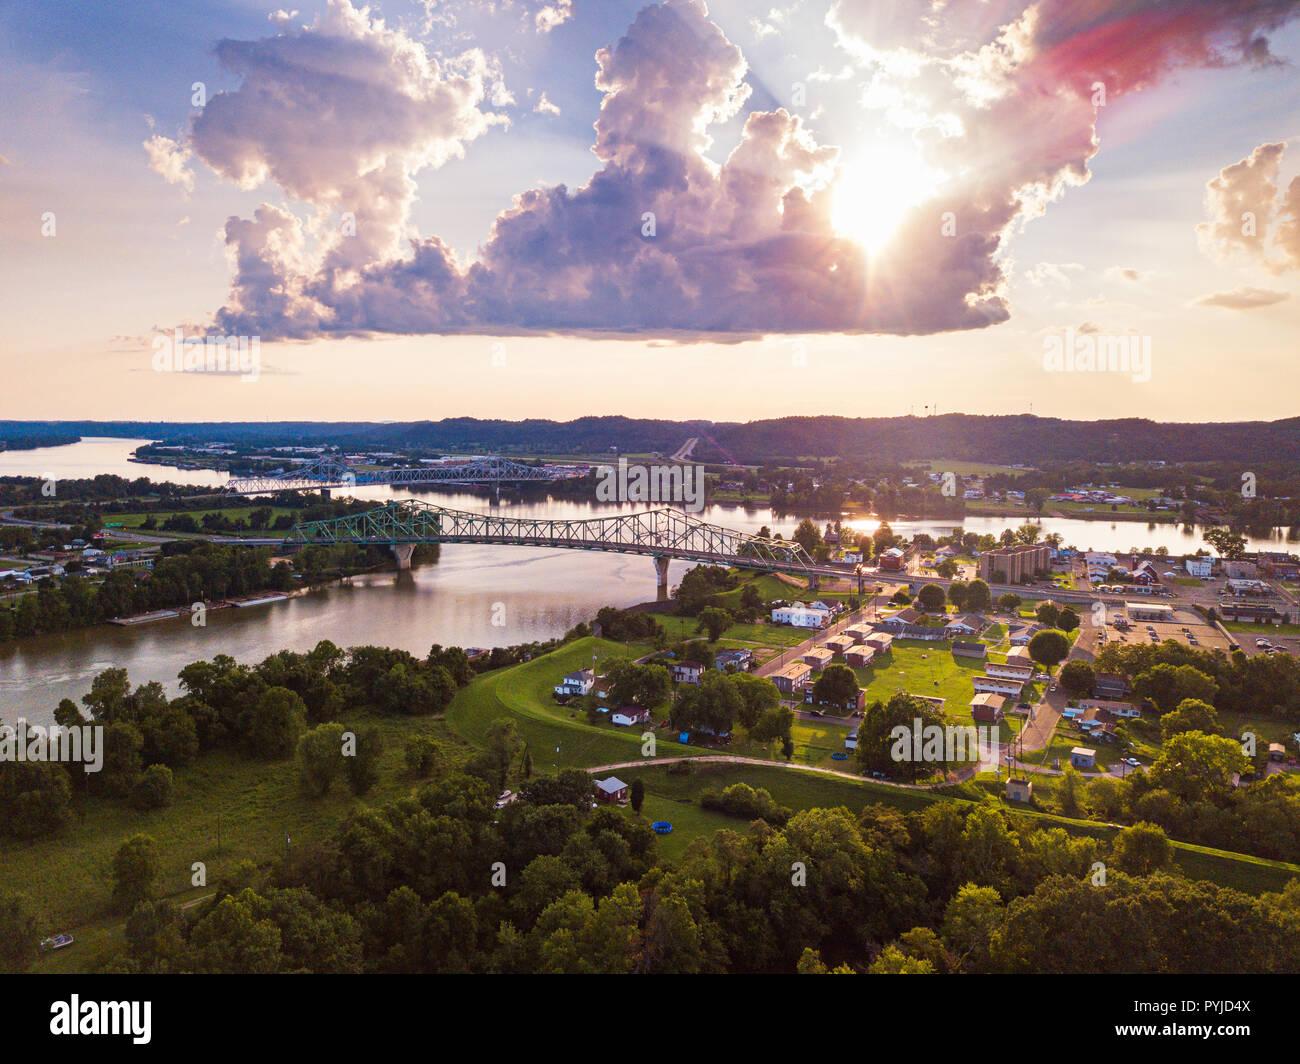 Une vue aérienne de la convergence de l'Ohio et de rivières Kanawha à Point Pleasant, en Virginie de l'Ouest sous le soleil couchant. Photo Stock